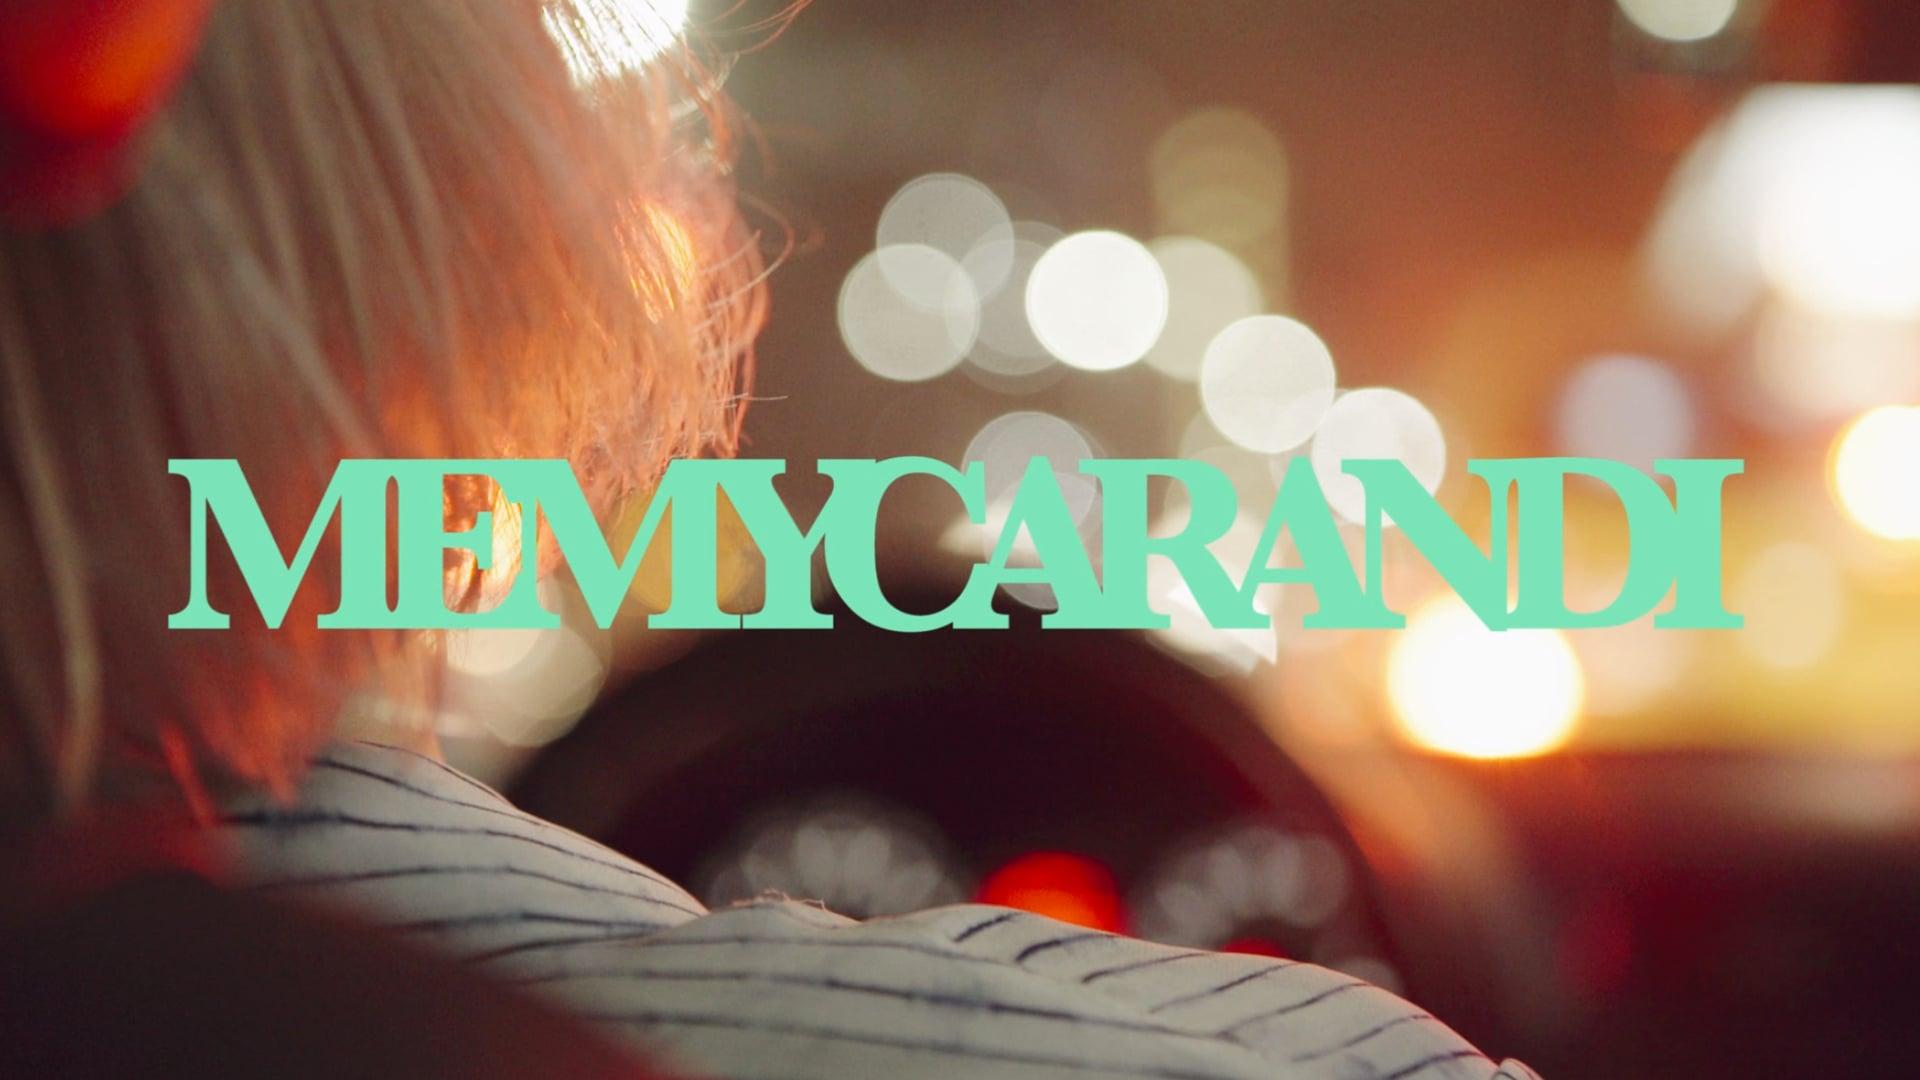 MEMYCARANDI #04 - Sam Shannon